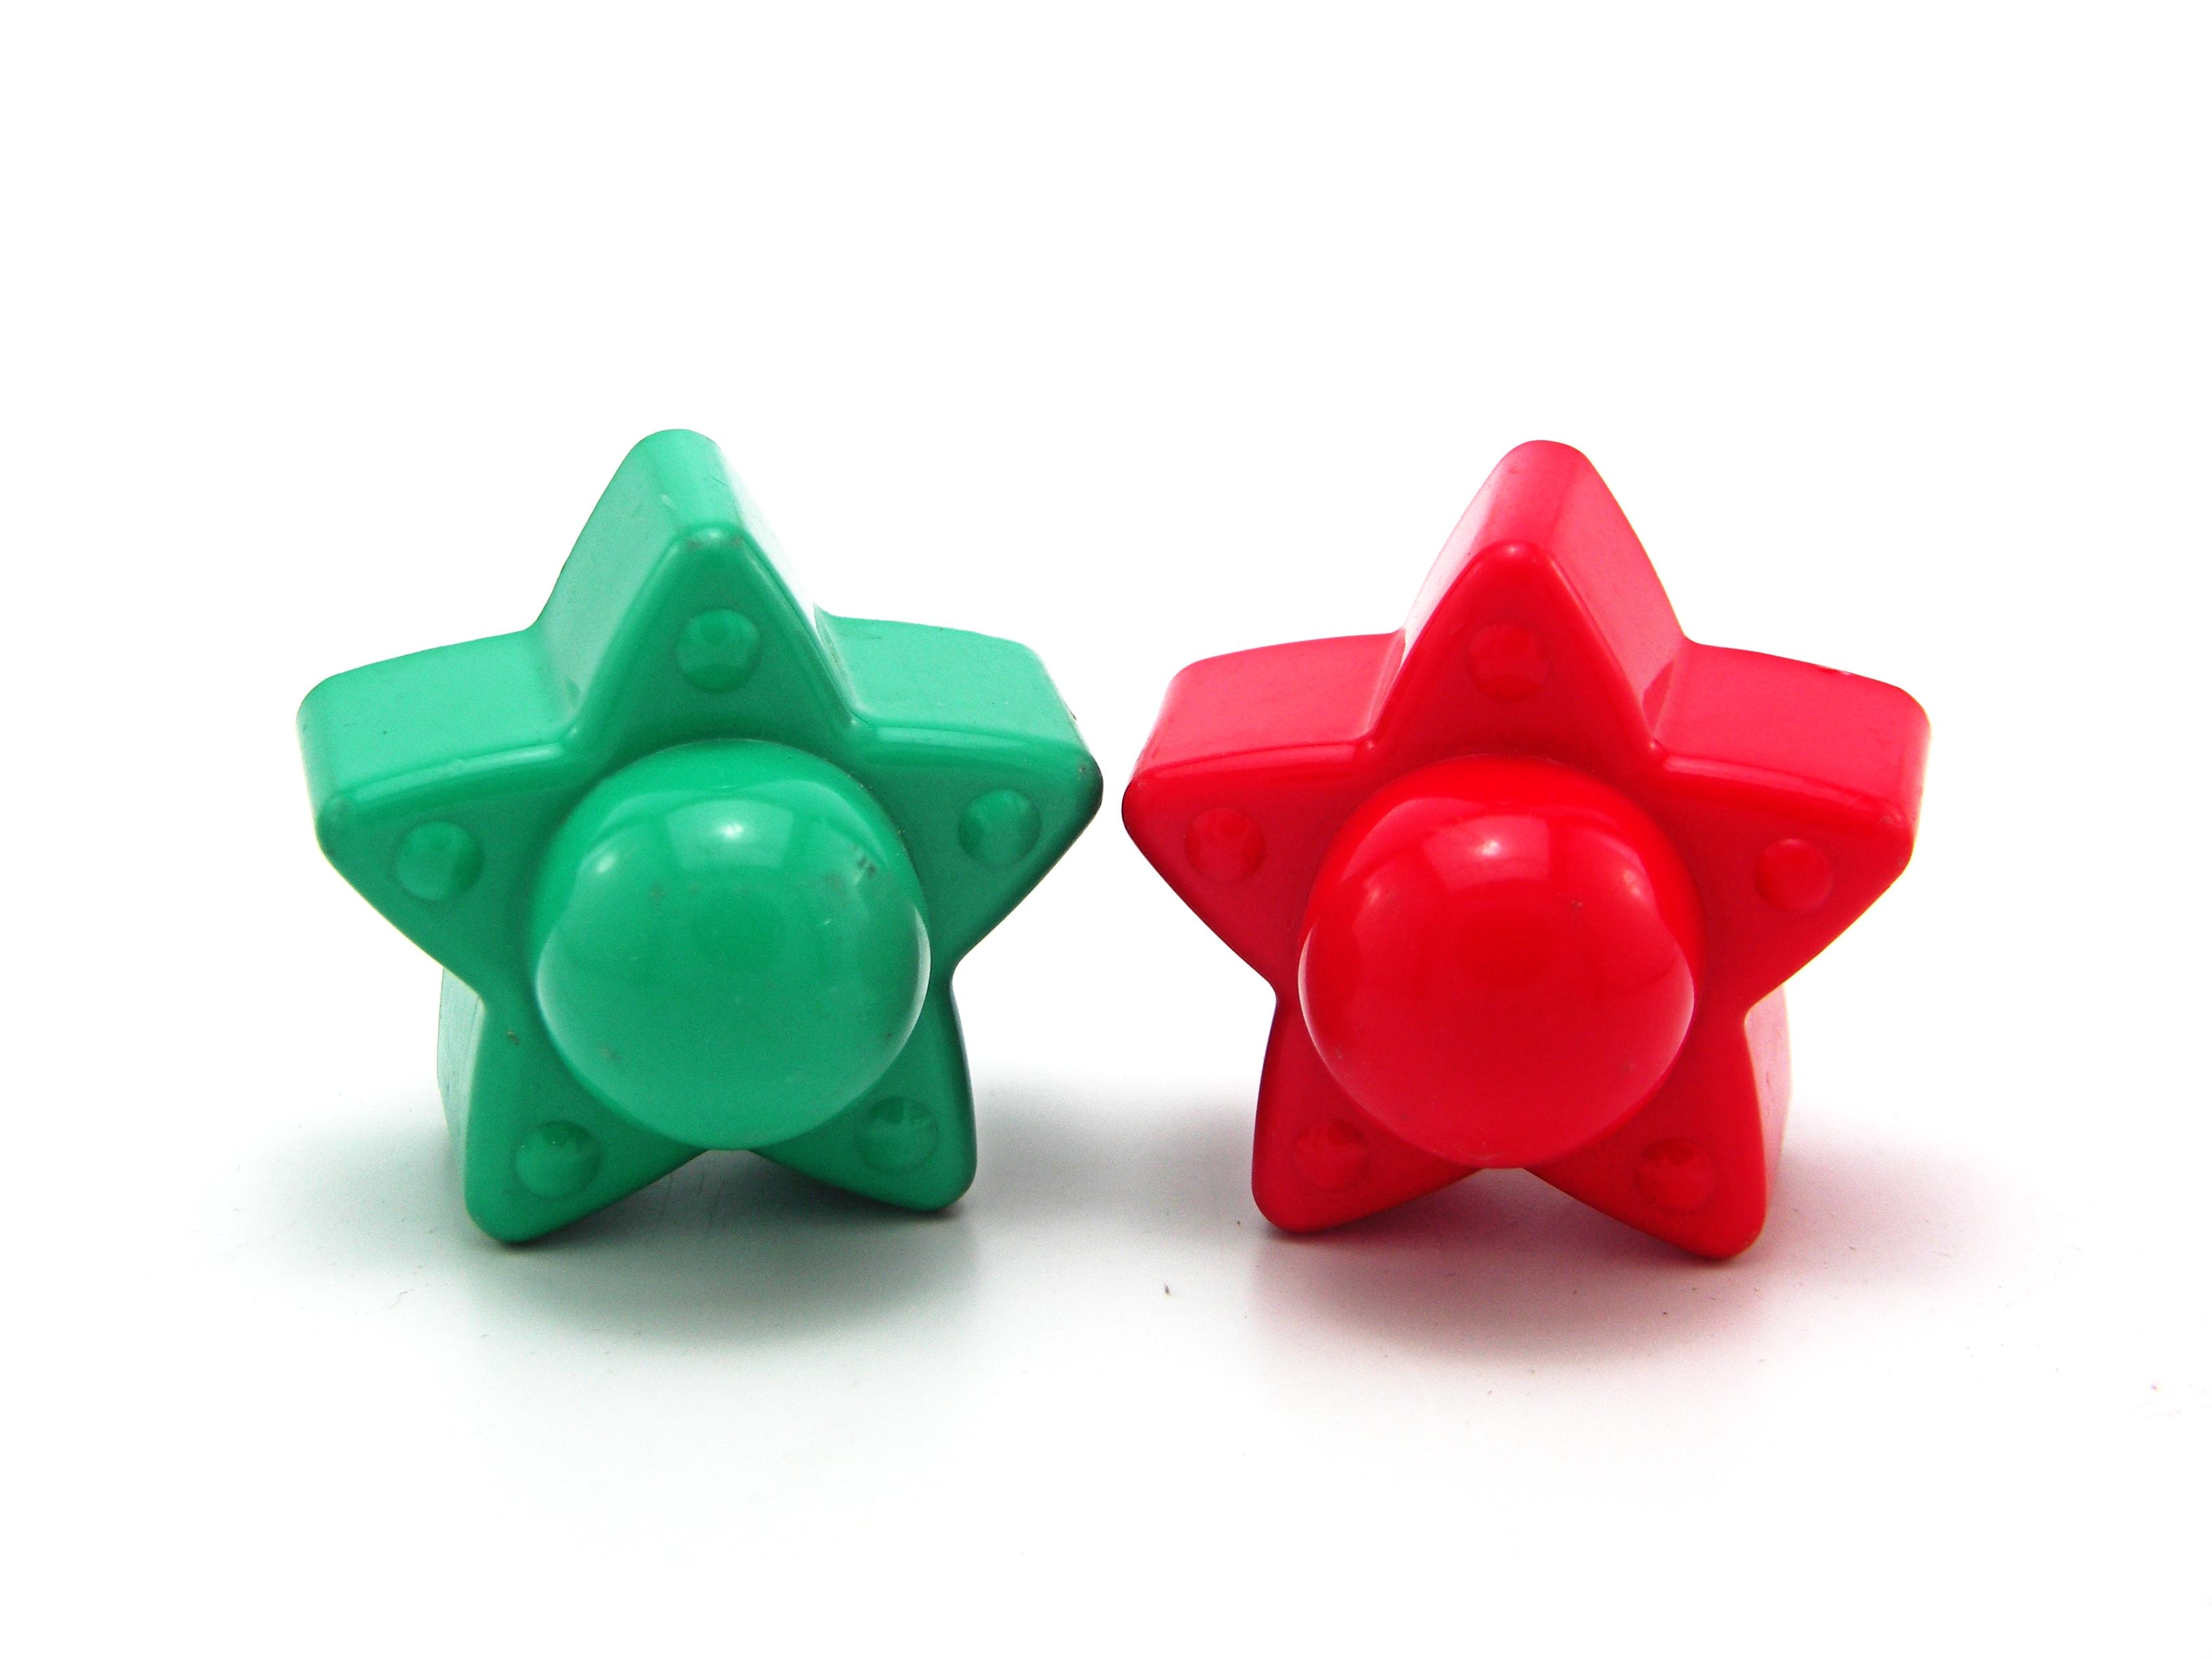 Plastic toy star, White, Round, Nobody, Orange, HQ Photo